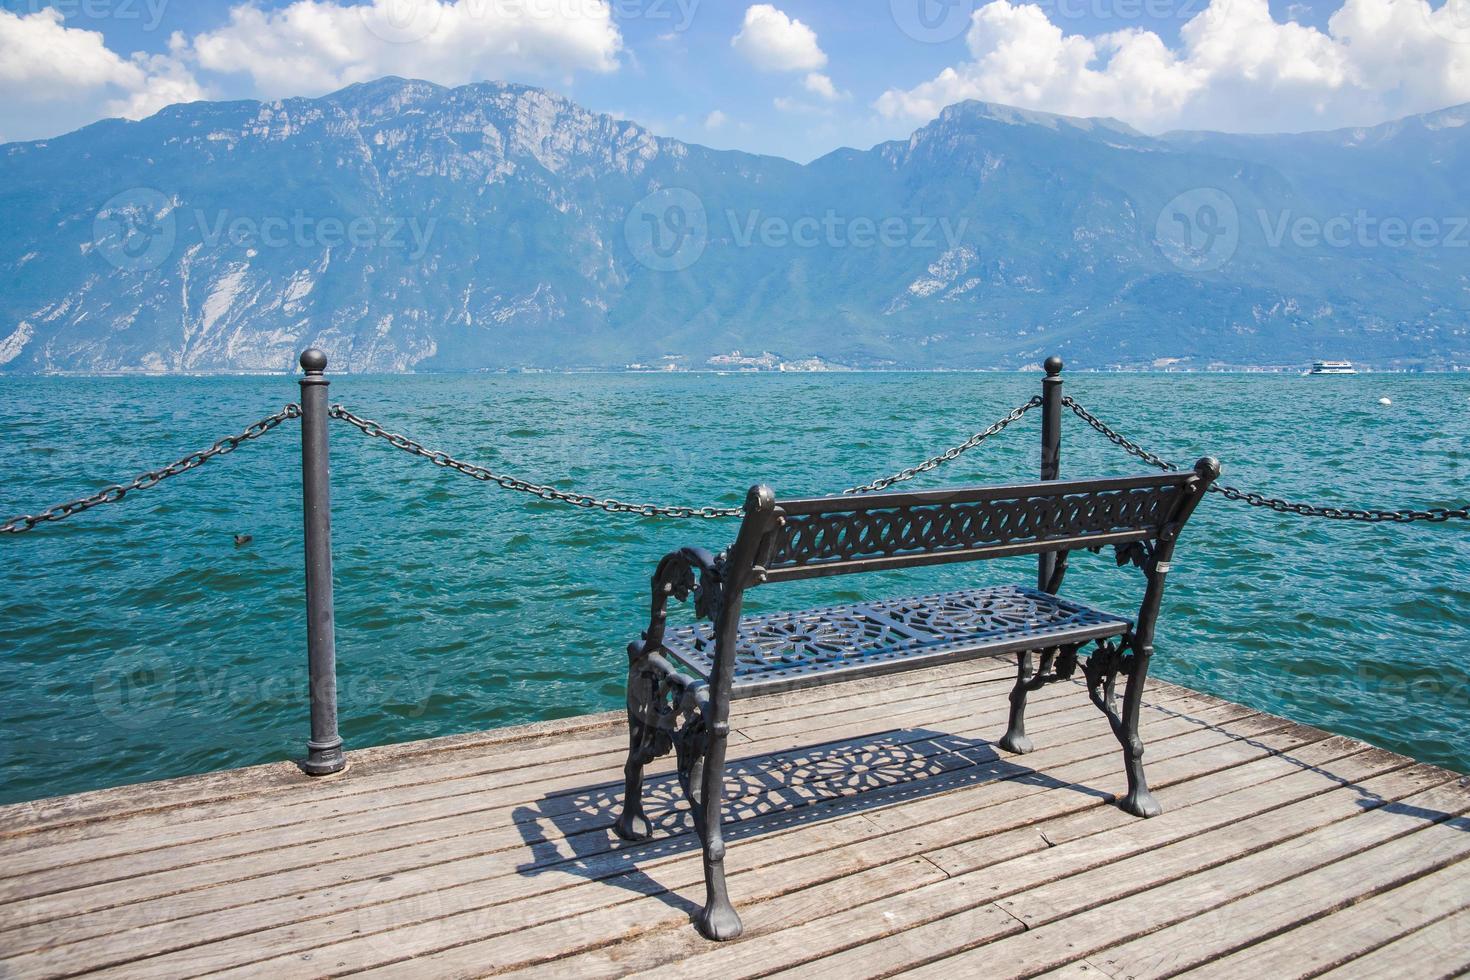 vista no lago de garda lago di garda, itália foto